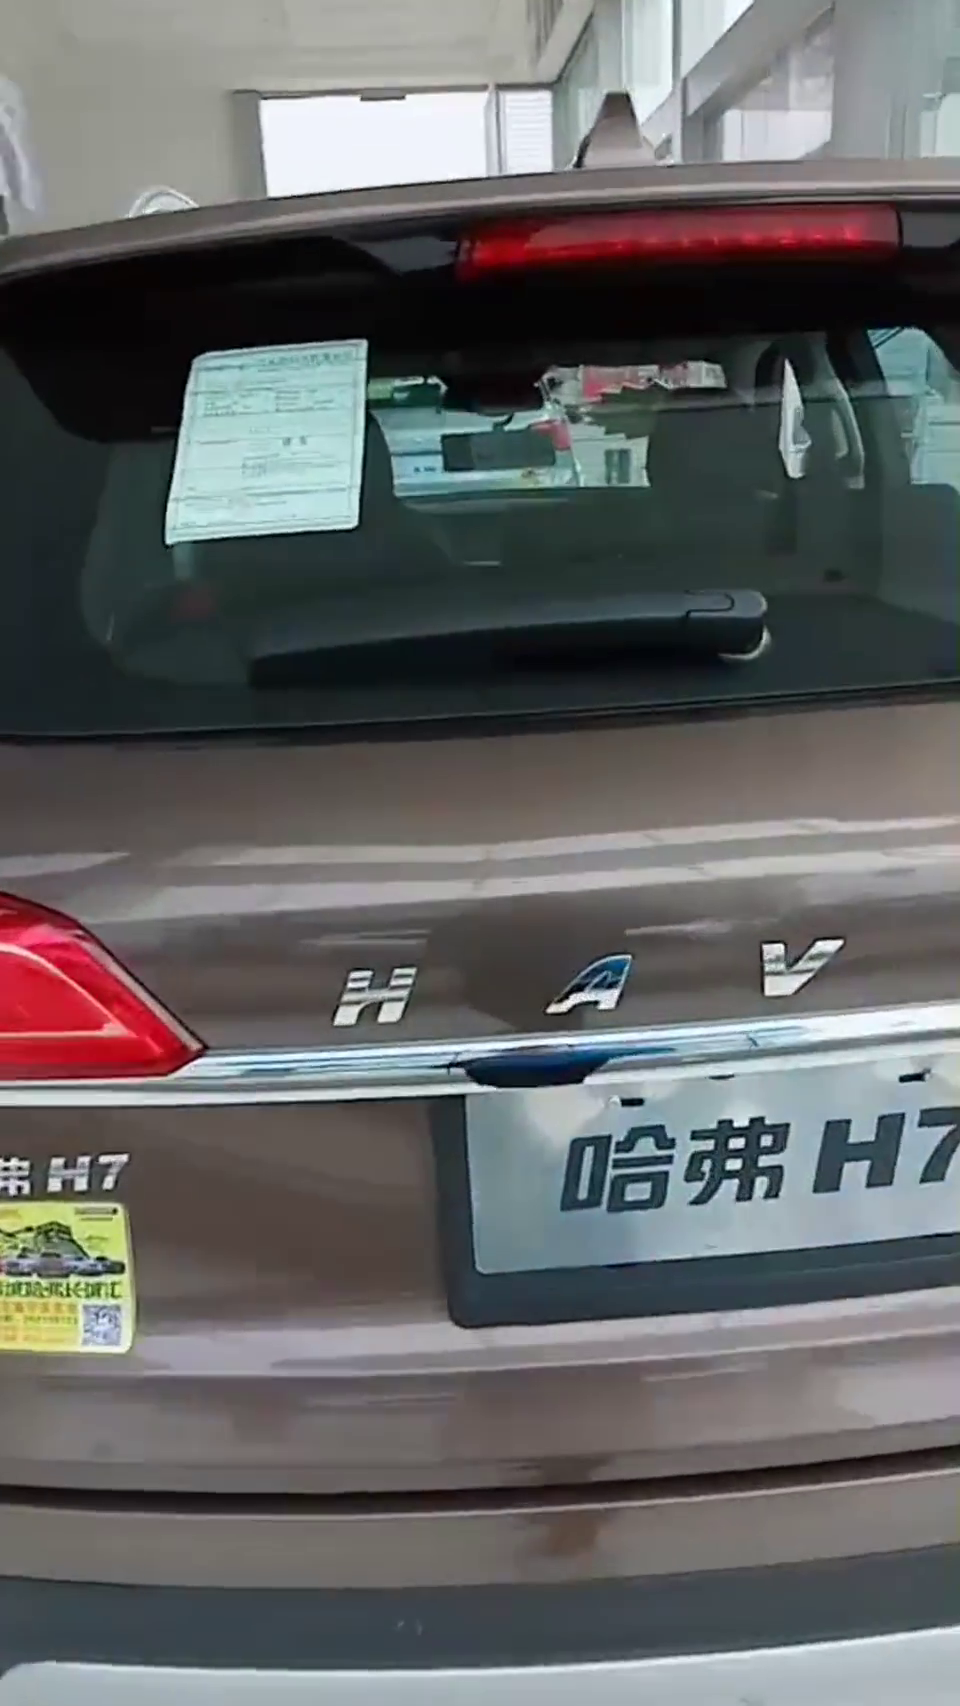 视频:哈弗H7很经典的一款车,为啥大家都关注H6,不关注H7呢